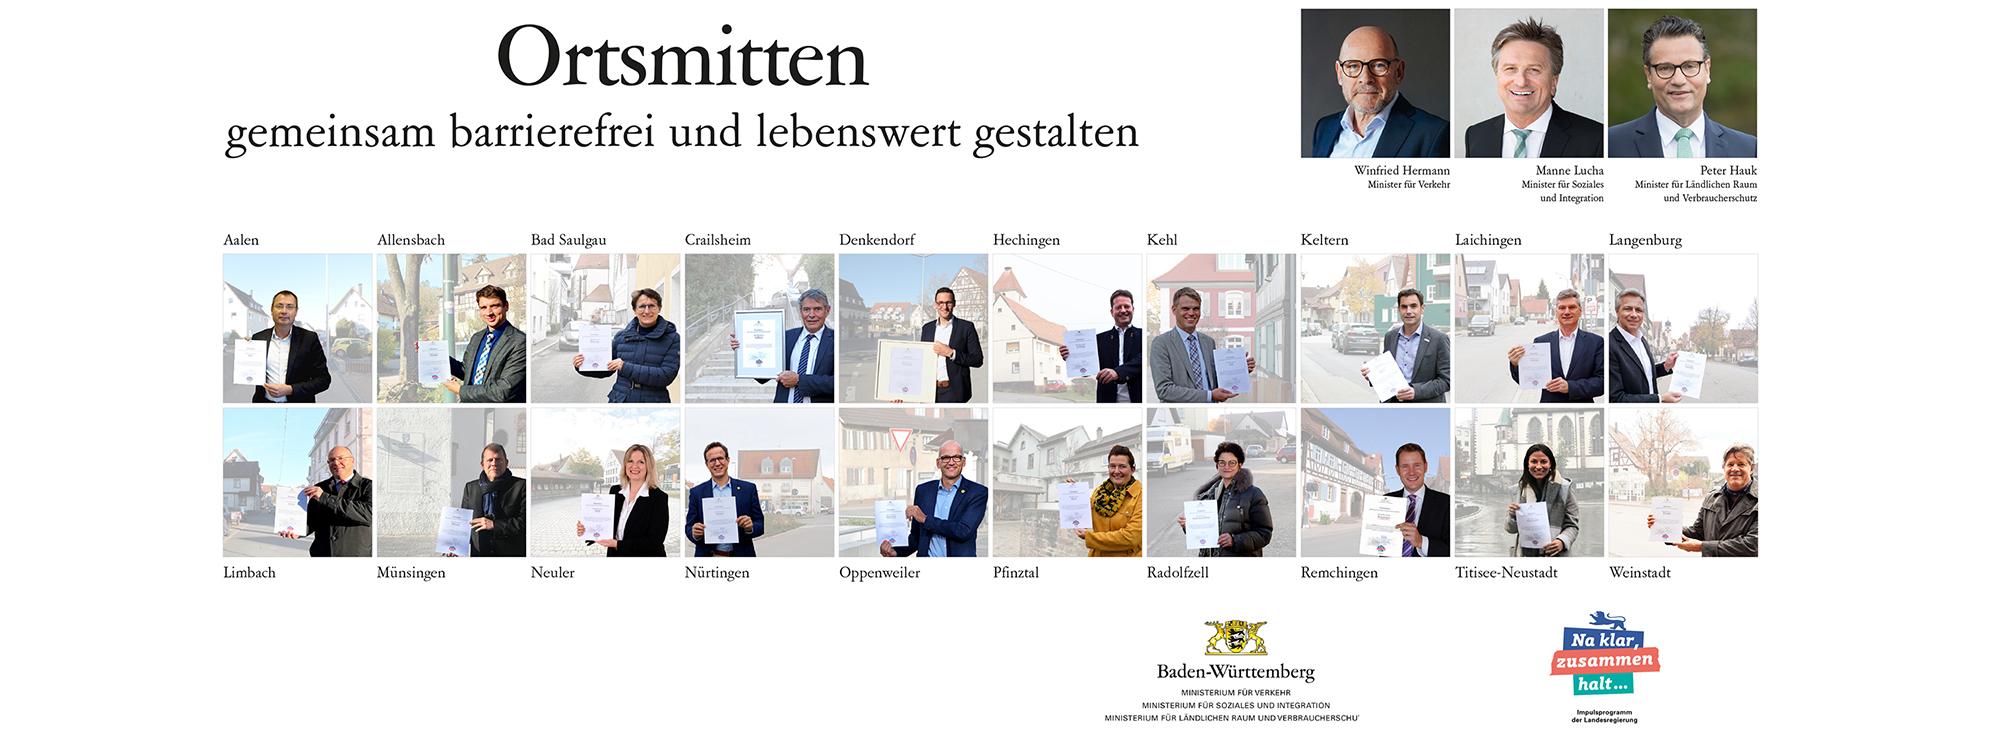 OrtsmittenBW_Ministerien_NVBW_Freiraum_Verkehr_Barrierefrei_Lebenswert_Dialog_Pesch